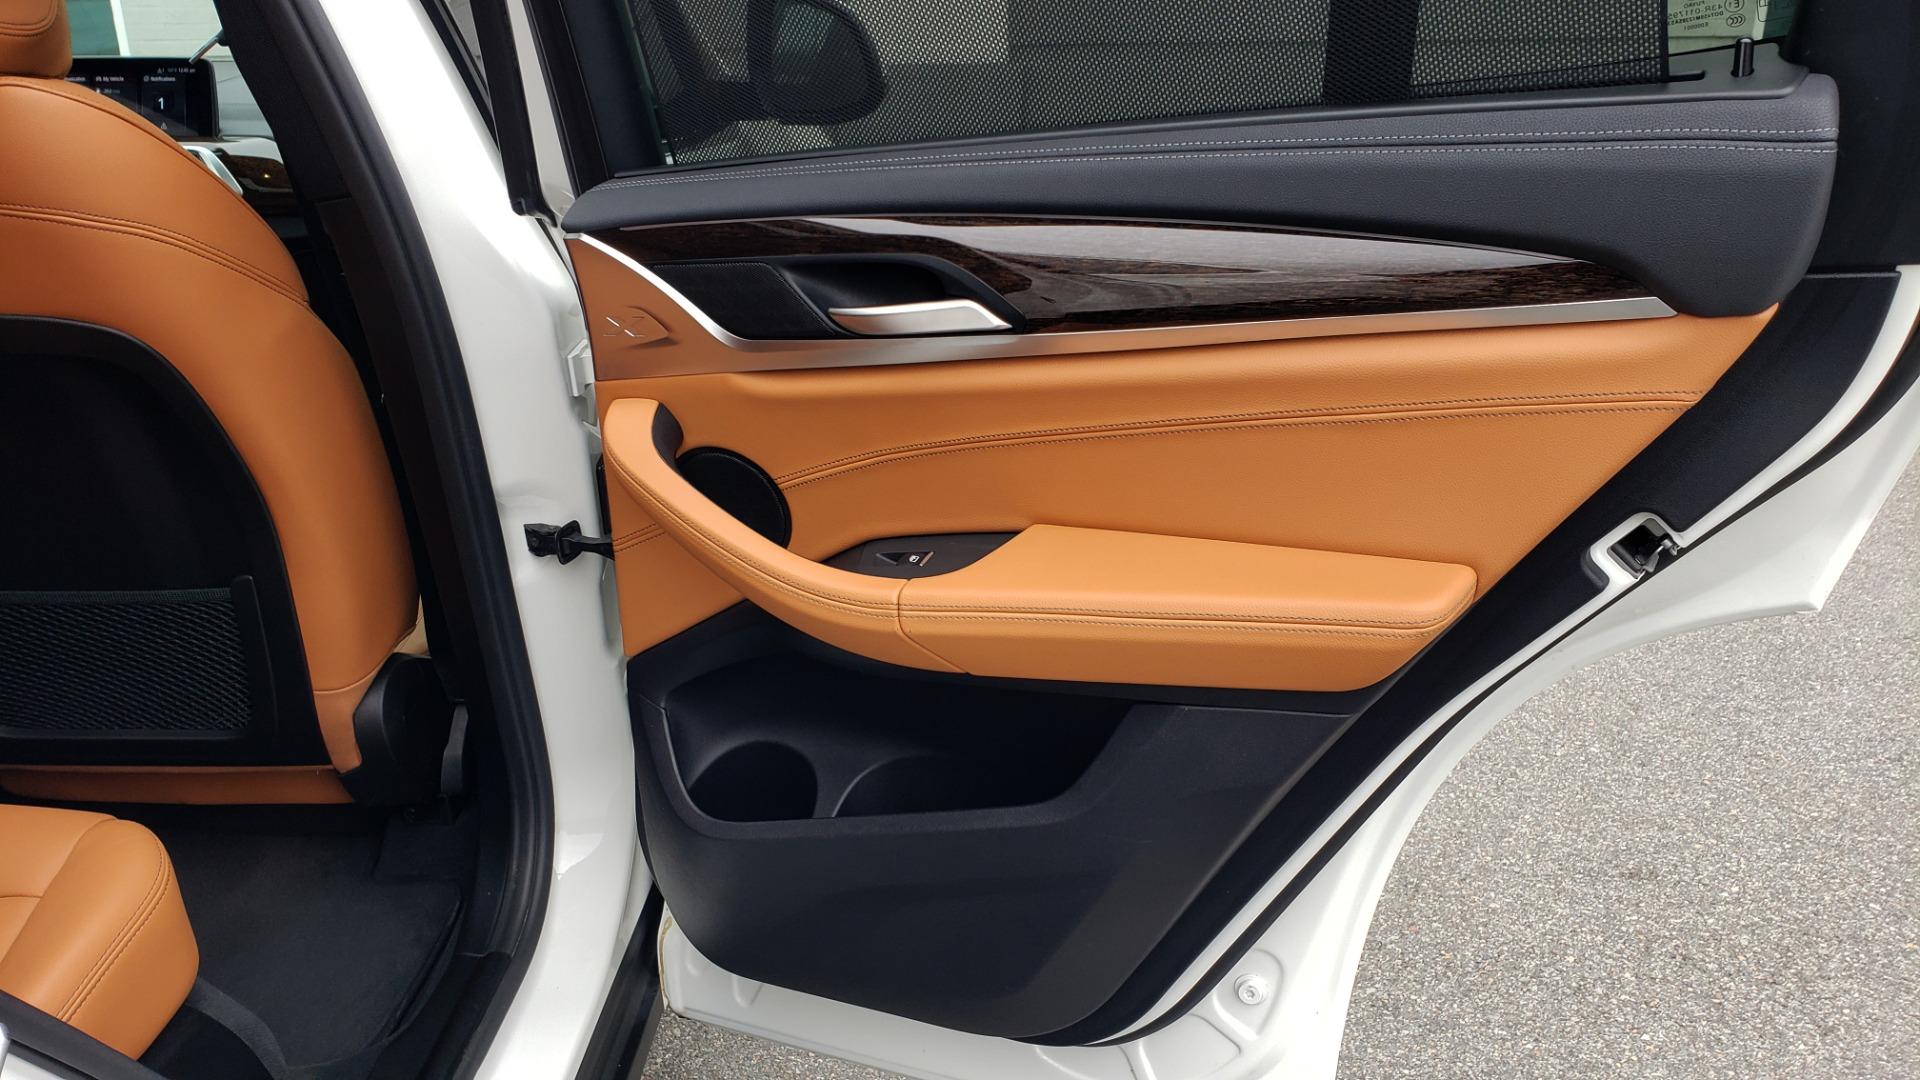 Used 2018 BMW X3 XDRIVE30I / LUX PKG / PREM PKG / CONV PKG / PDC / APPLE CARPLAY for sale Sold at Formula Imports in Charlotte NC 28227 76